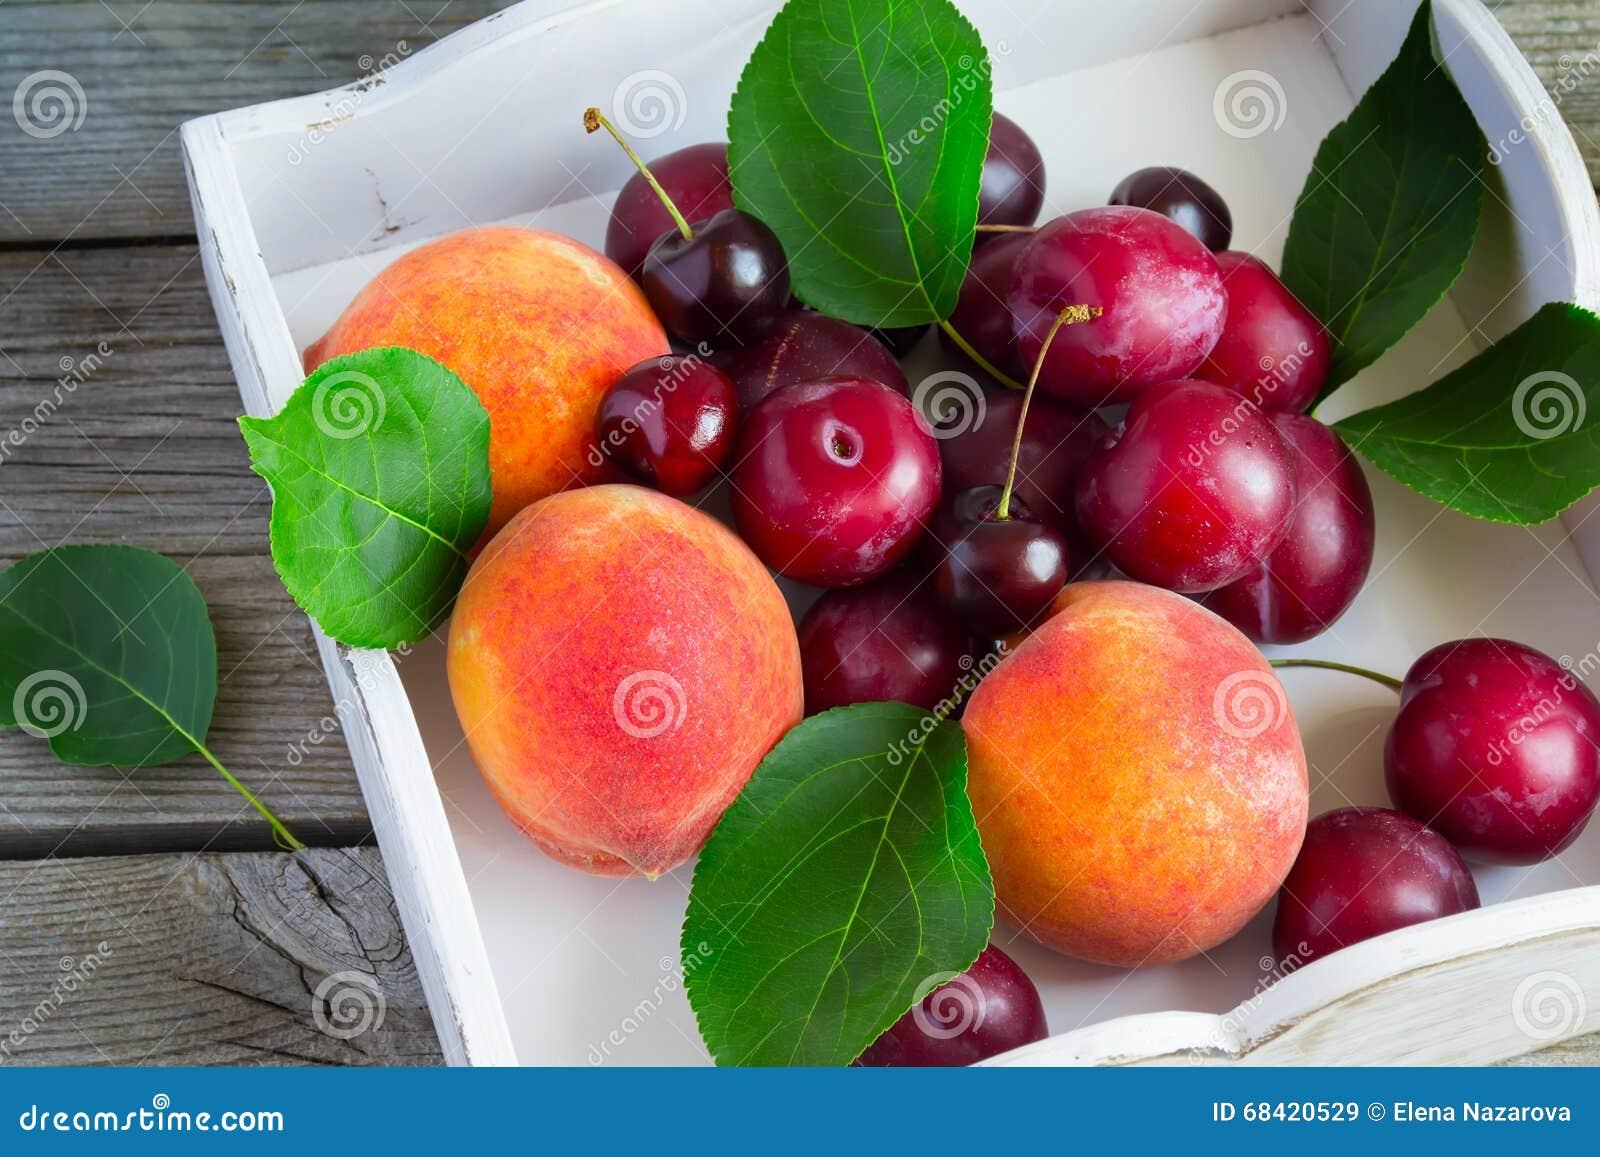 Σύνολο φρούτων: ροδάκινα, δαμάσκηνα, κεράσια σε έναν άσπρο δίσκο